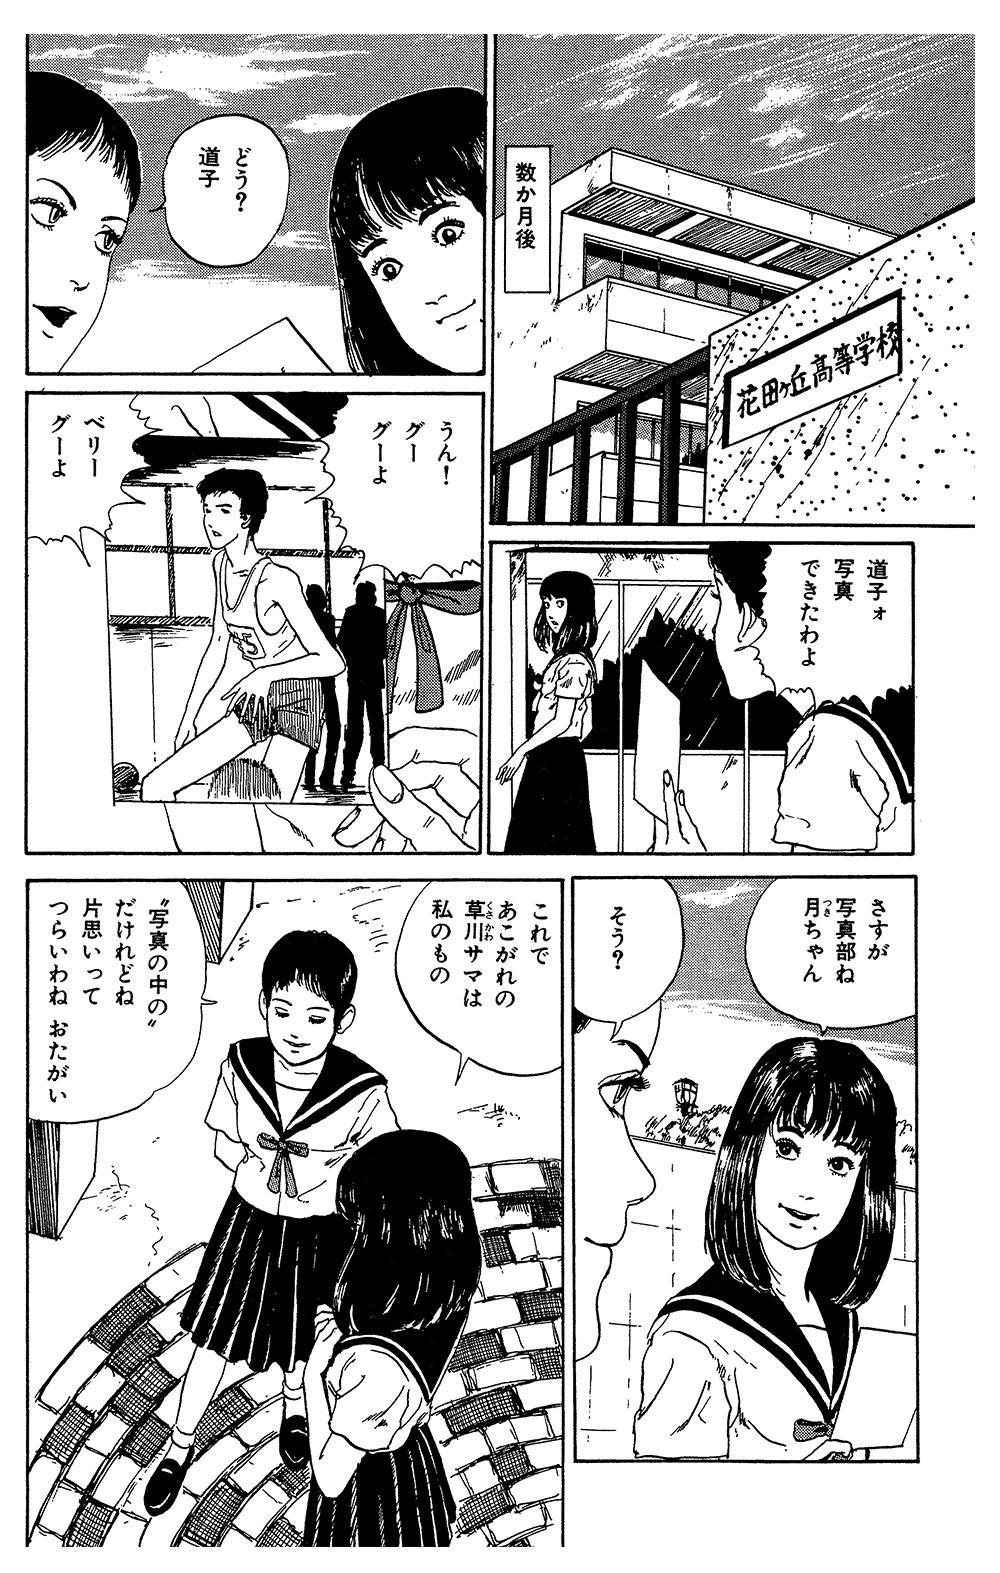 伊藤潤二傑作集 第4話「富江 写真」①juji10-06.jpg